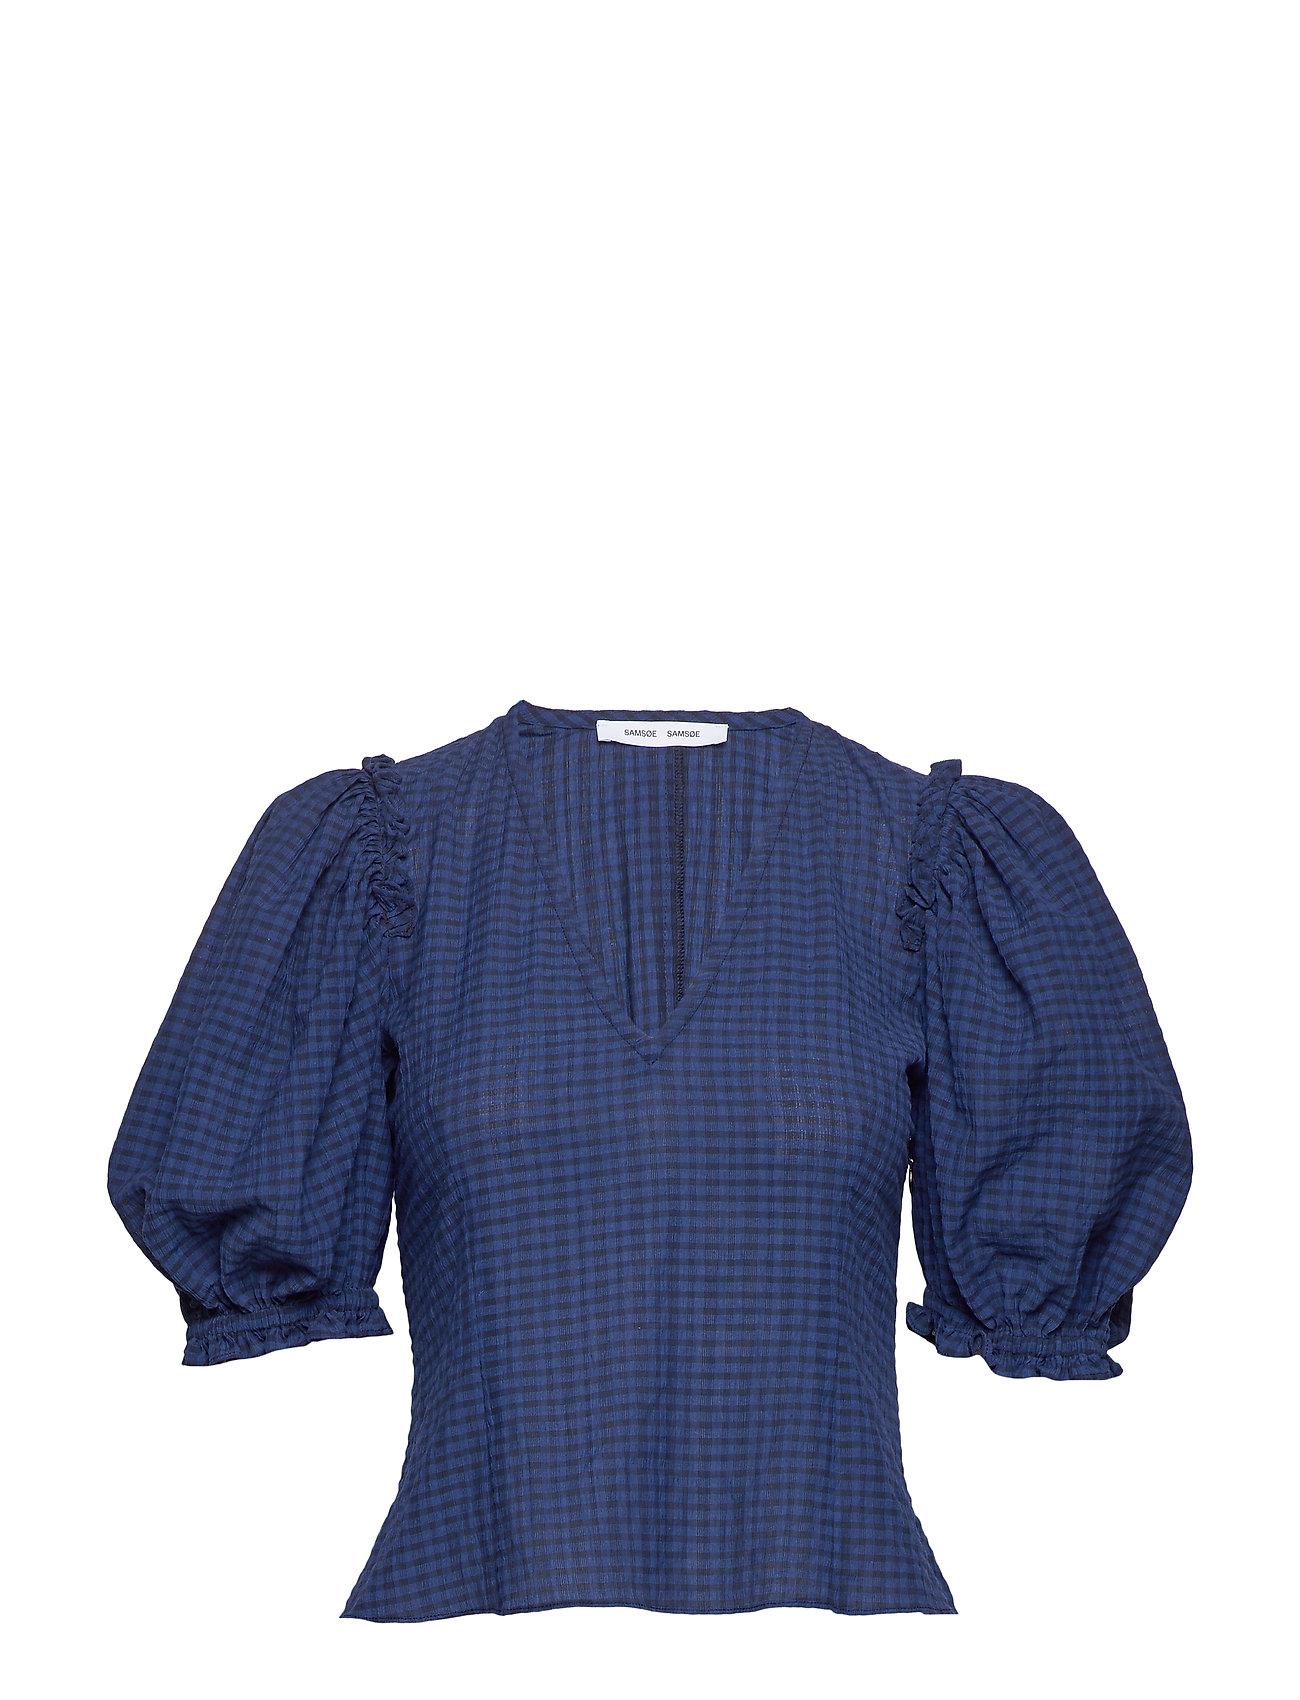 Samsøe & Samsøe Petulie blouse 12732 - BLUE DEPTHS CHECK